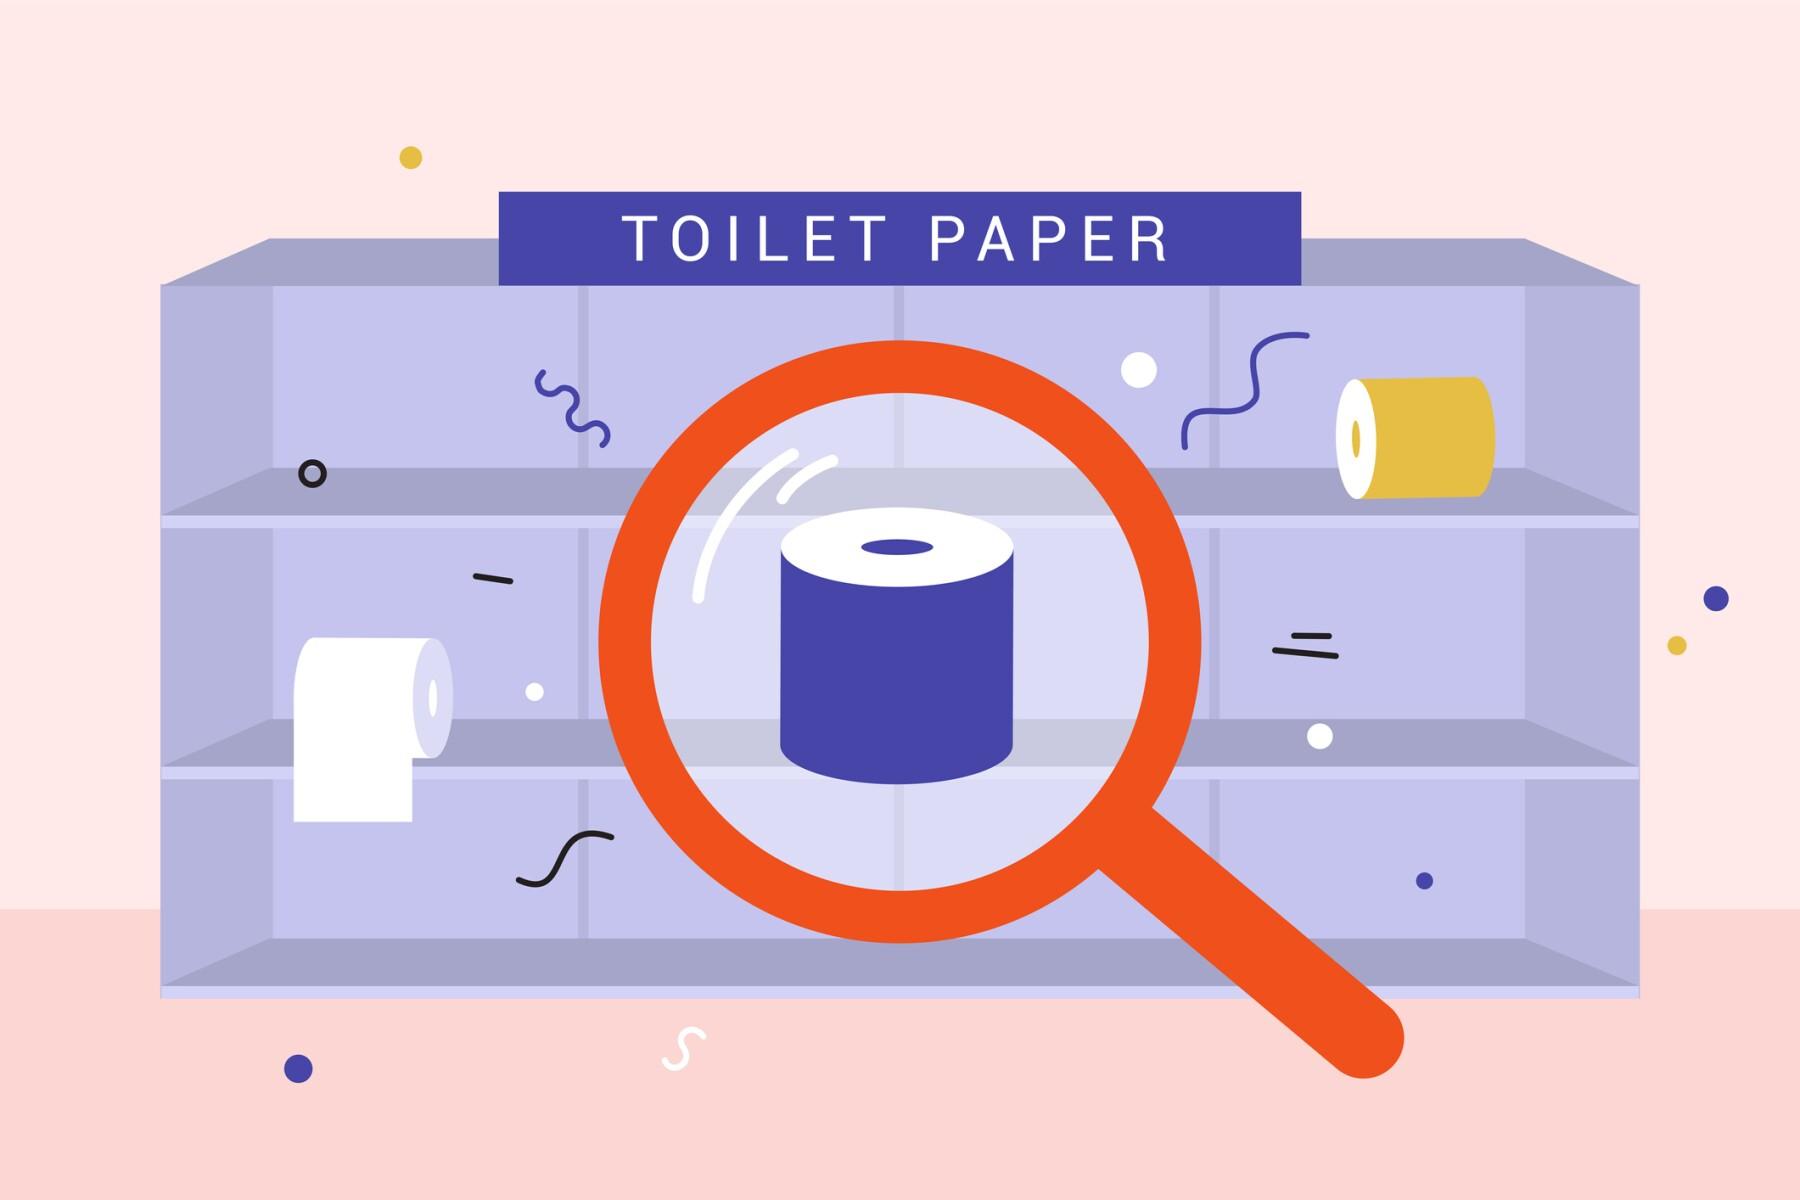 Toilet paper panic due to coronavirus and quarantine